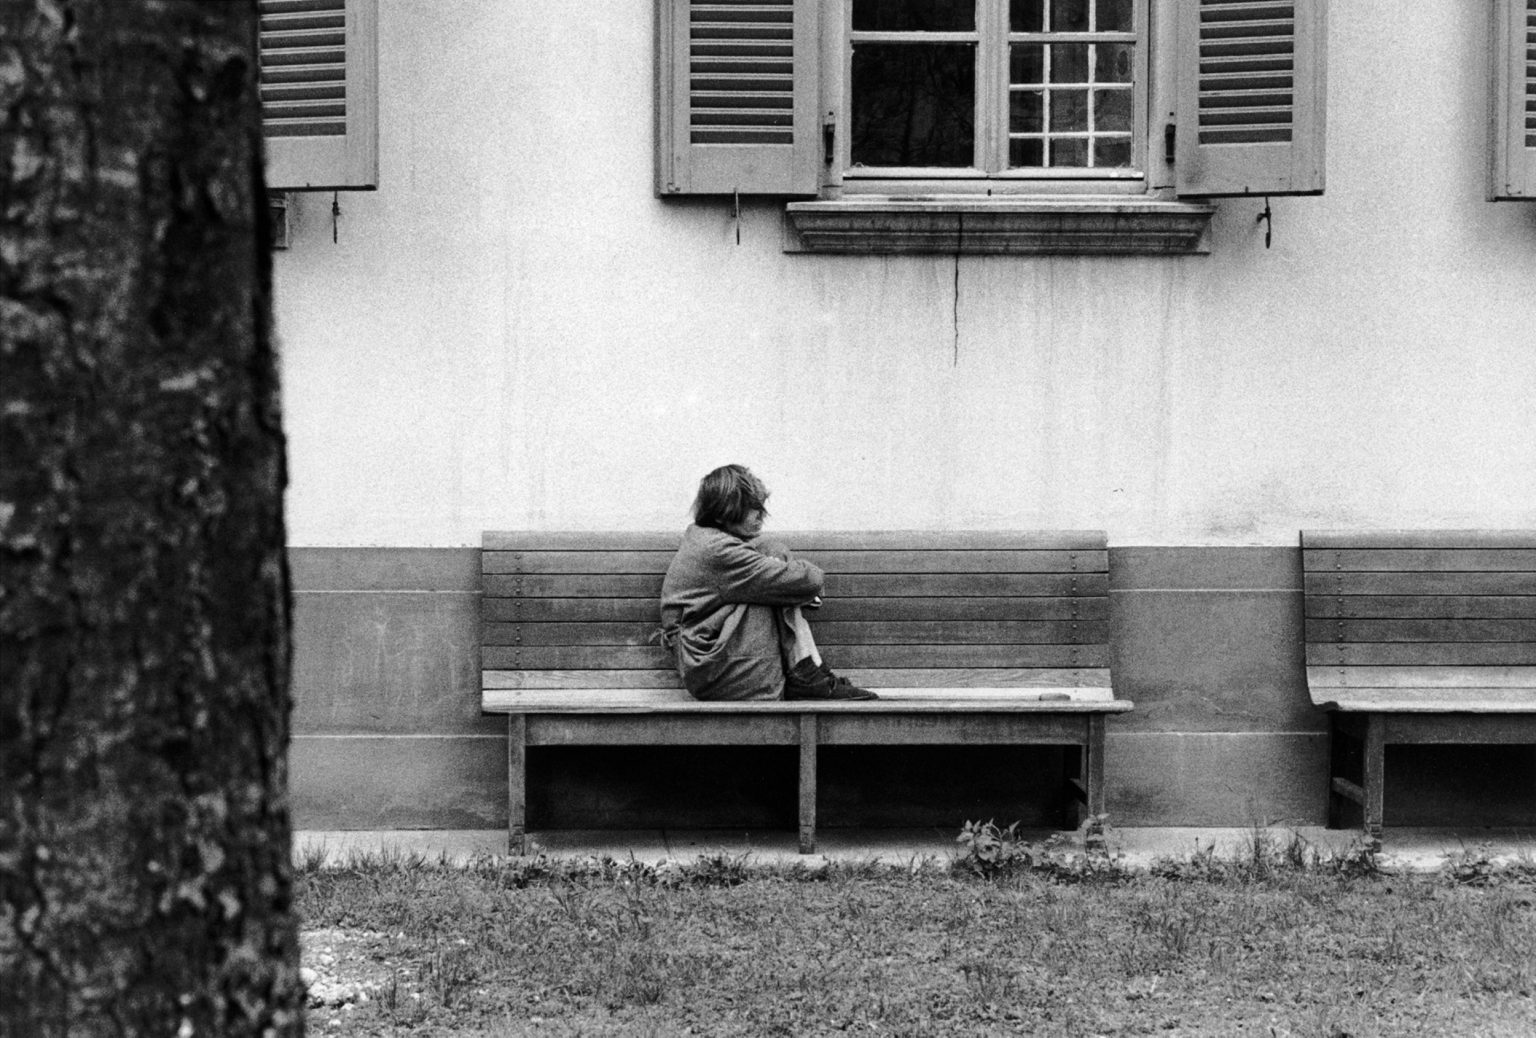 """Gorizia, 1968-1969 - Daily life inside the mental institution before the adjustments introduced by Franco Basaglia. ><  Gorizia, 1968-1969 - La vita nell'ospedale psichiatrico prima dei cambiamenti introdotti da Franco Basaglia.<p><span style=""""color: #ff0000""""><strong>*** SPECIAL   FEE   APPLIES ***</strong></span></p>"""